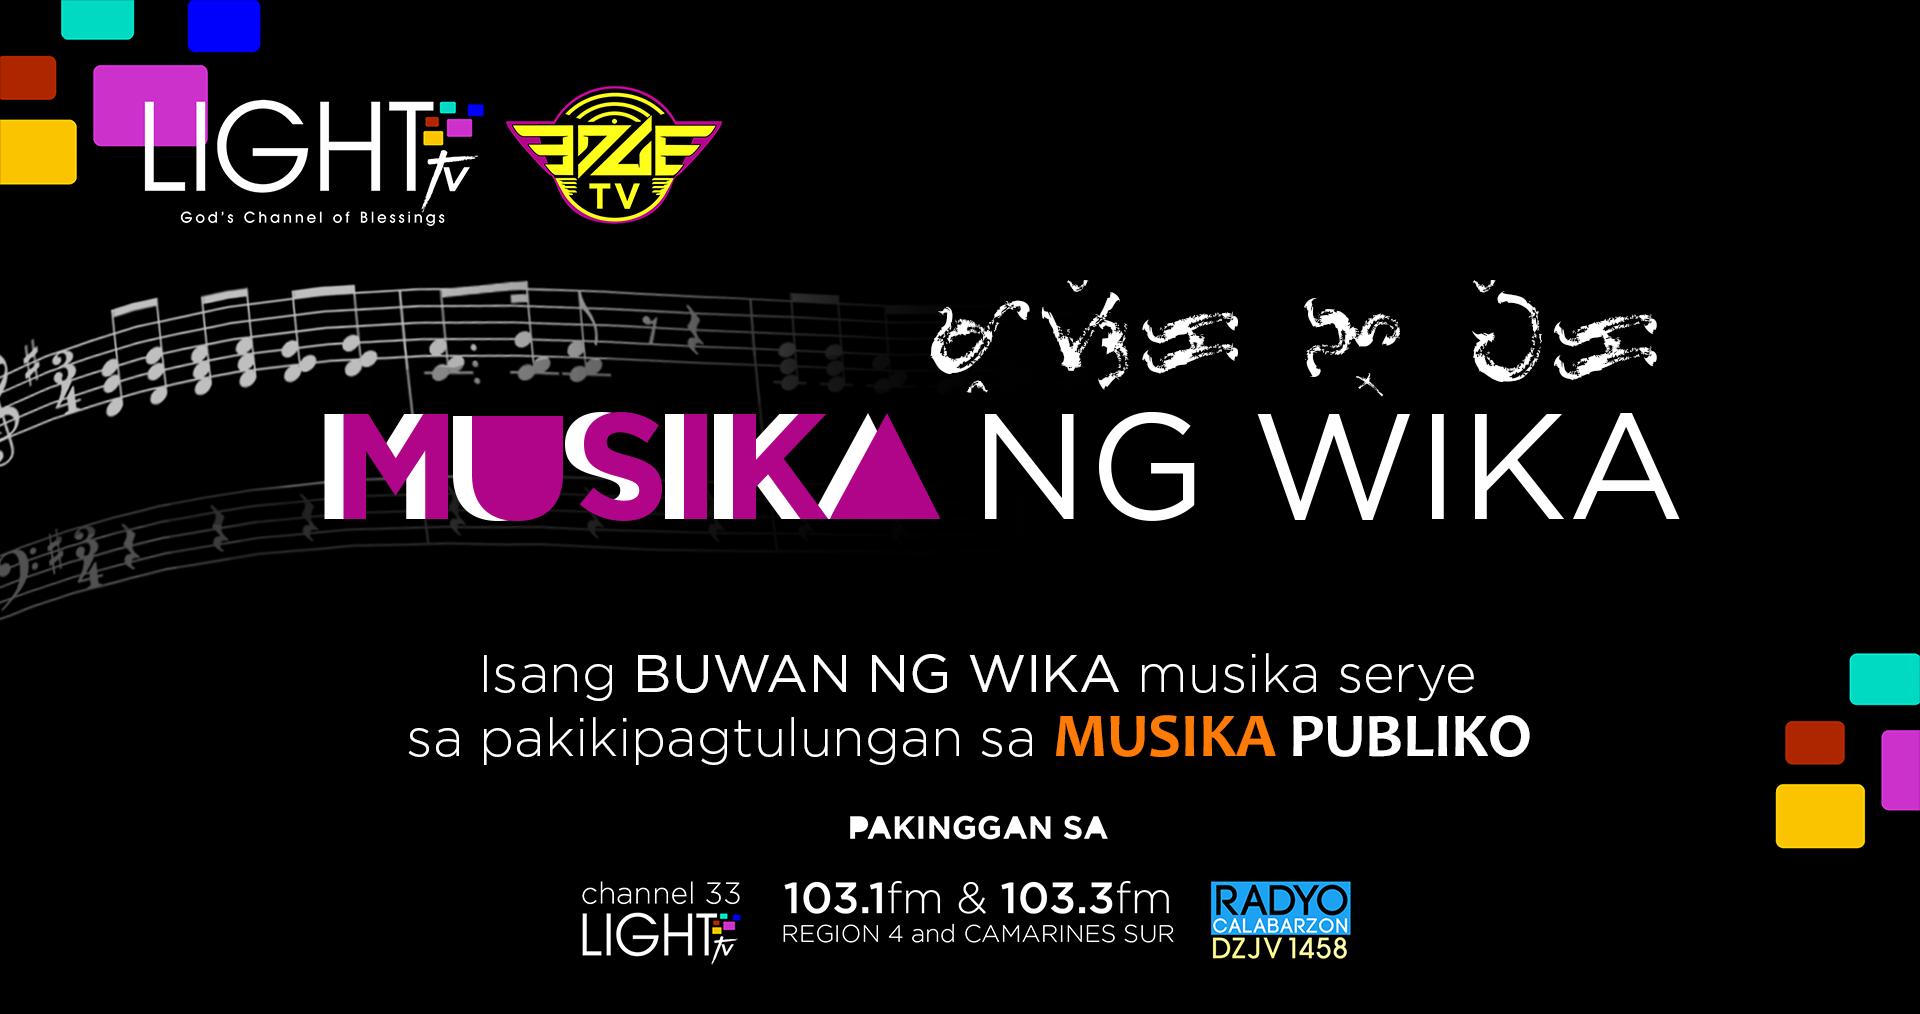 Musika ng Wika | Agimat: Sining at Kulturang Pinoy